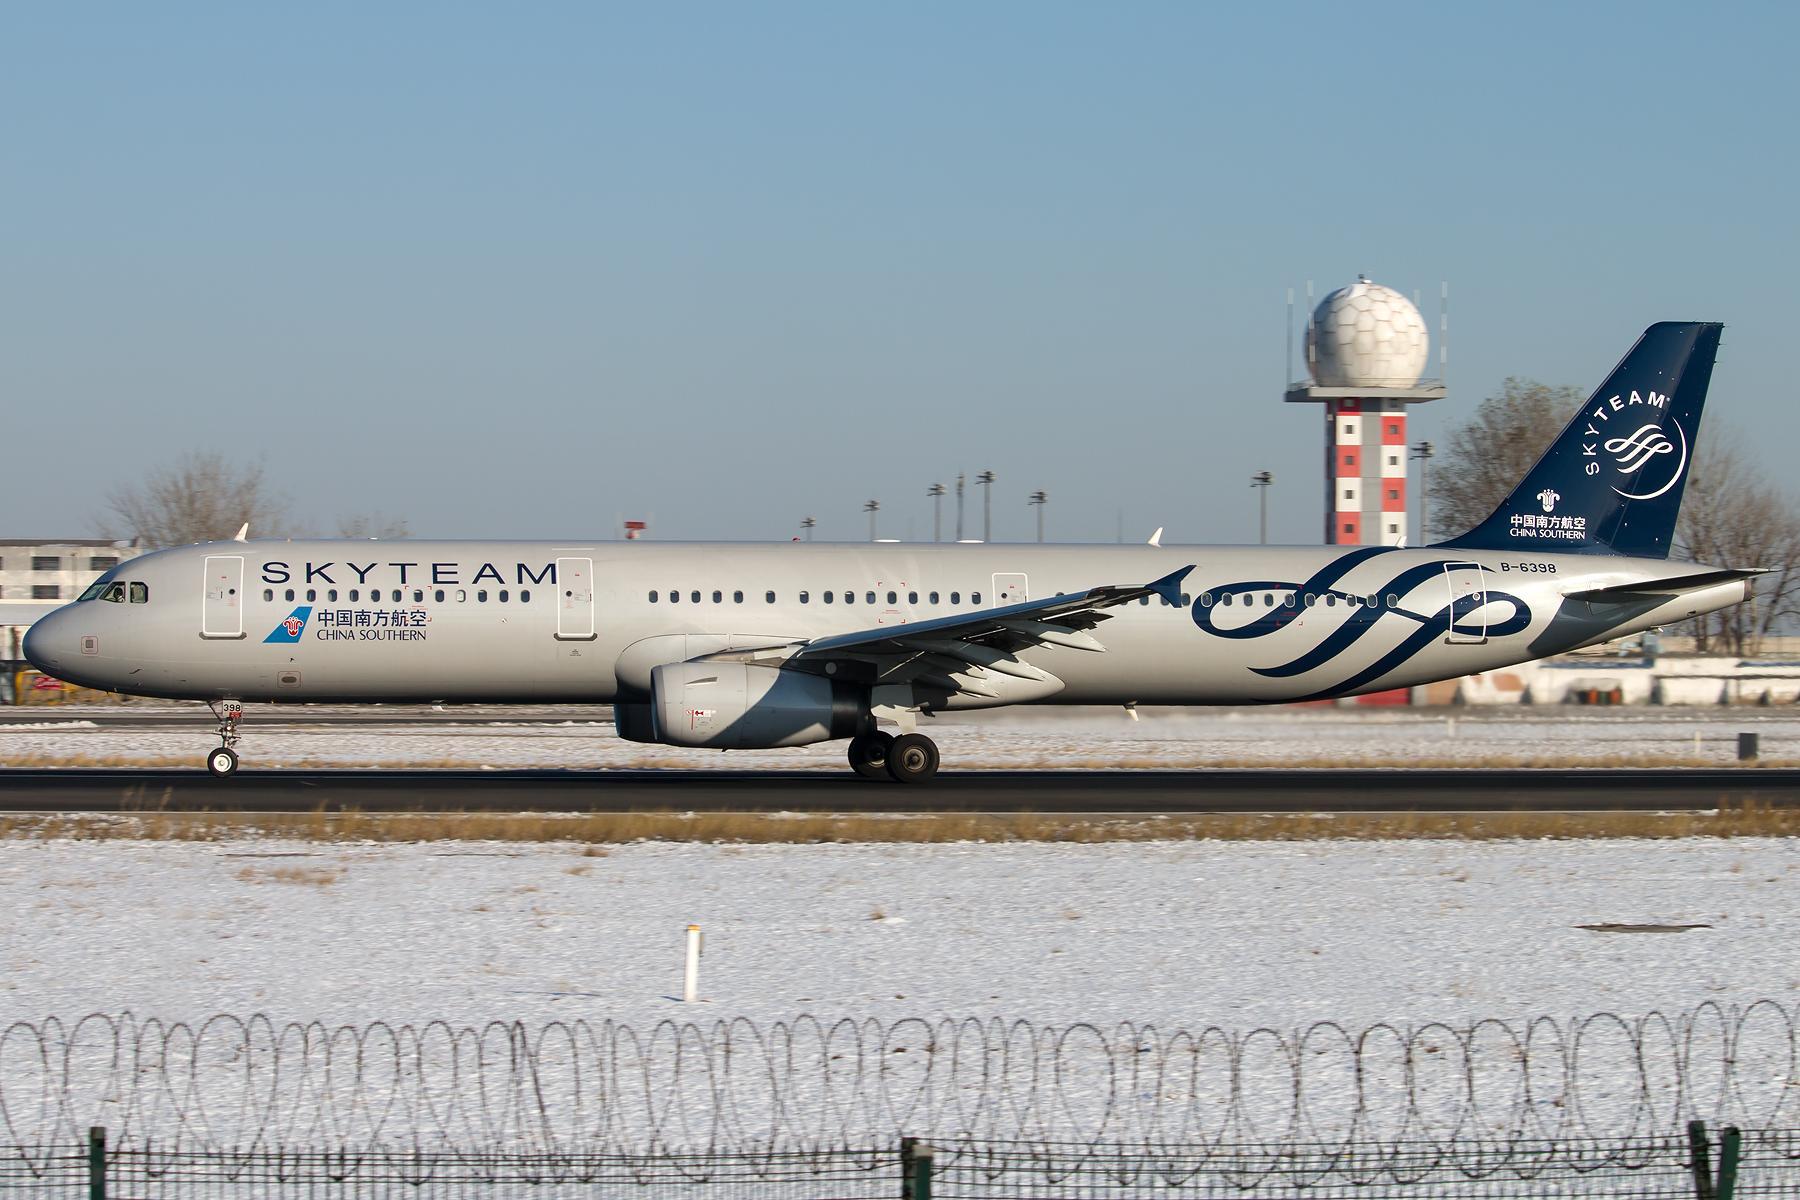 [一图党] SKYTEAM 1800*1200 AIRBUS A321-231 B-6398 ZBAA/PEK